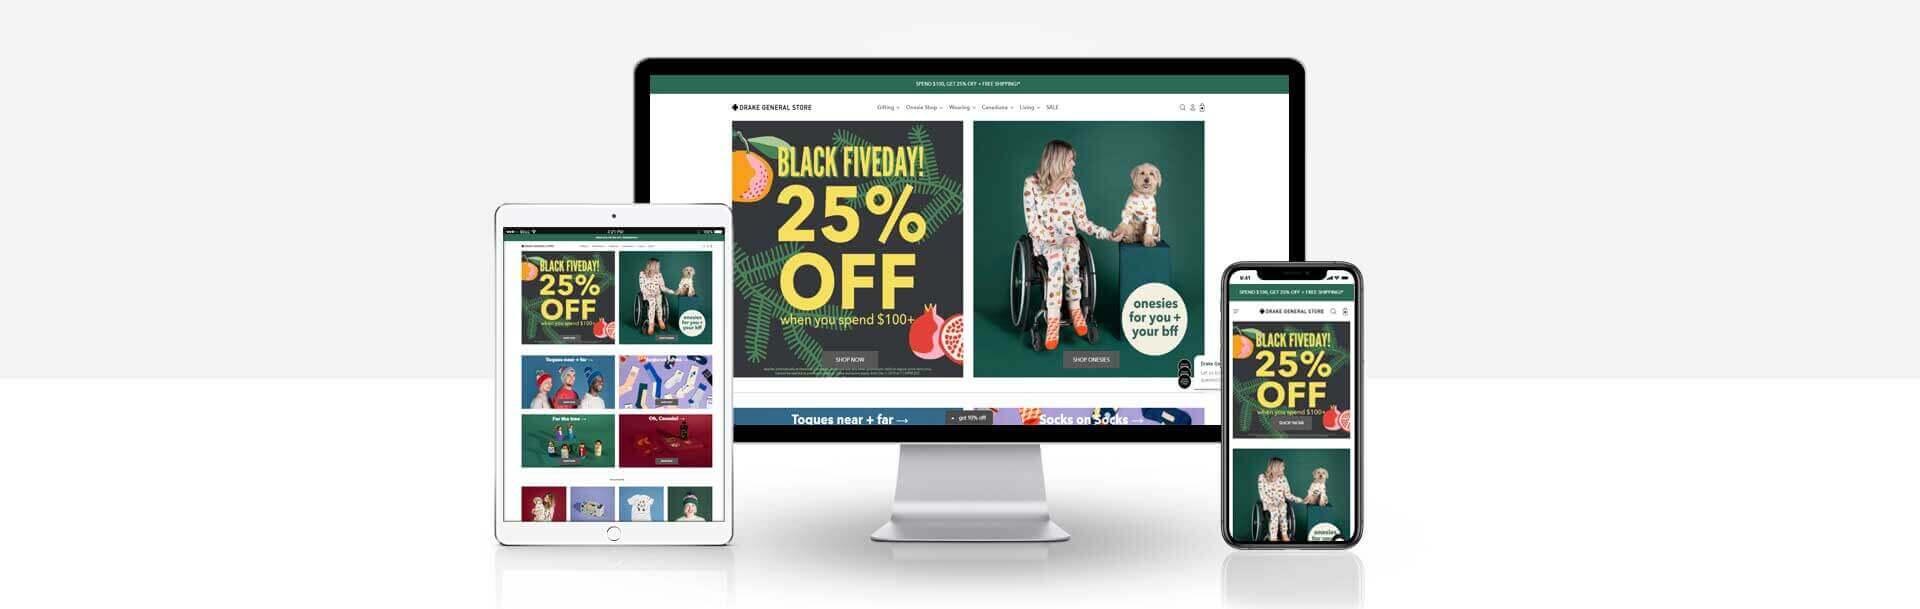 Magento general variety storewebsite